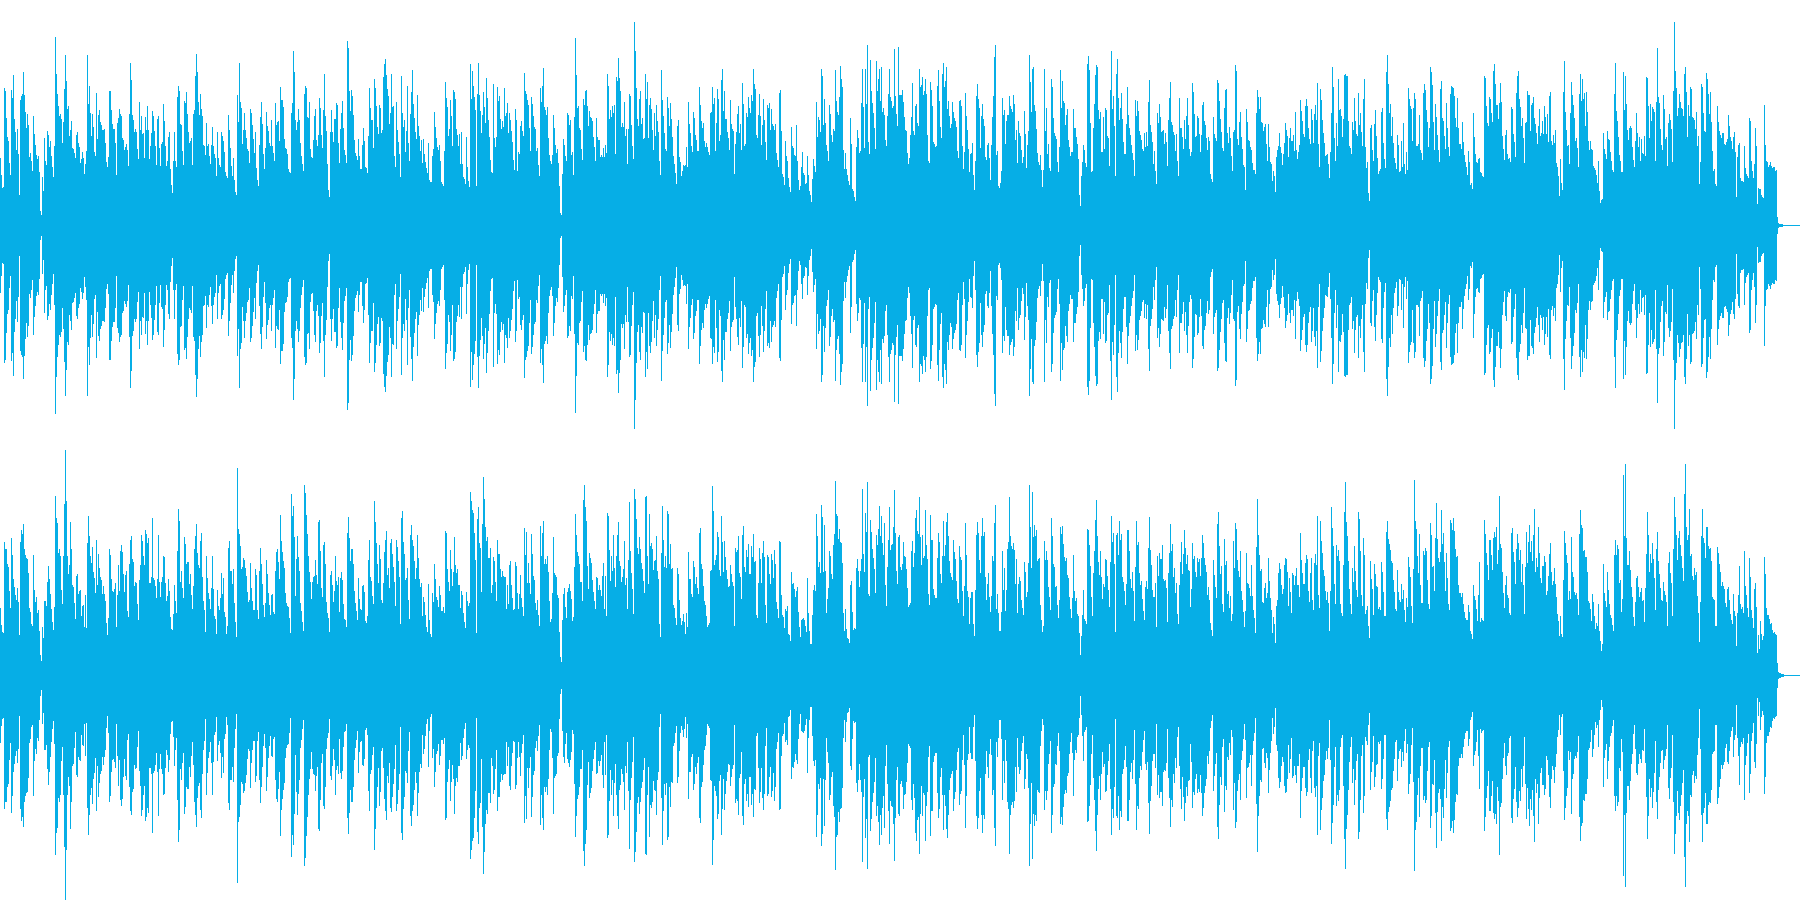 ピアノによるしっとりしたジャズの再生済みの波形